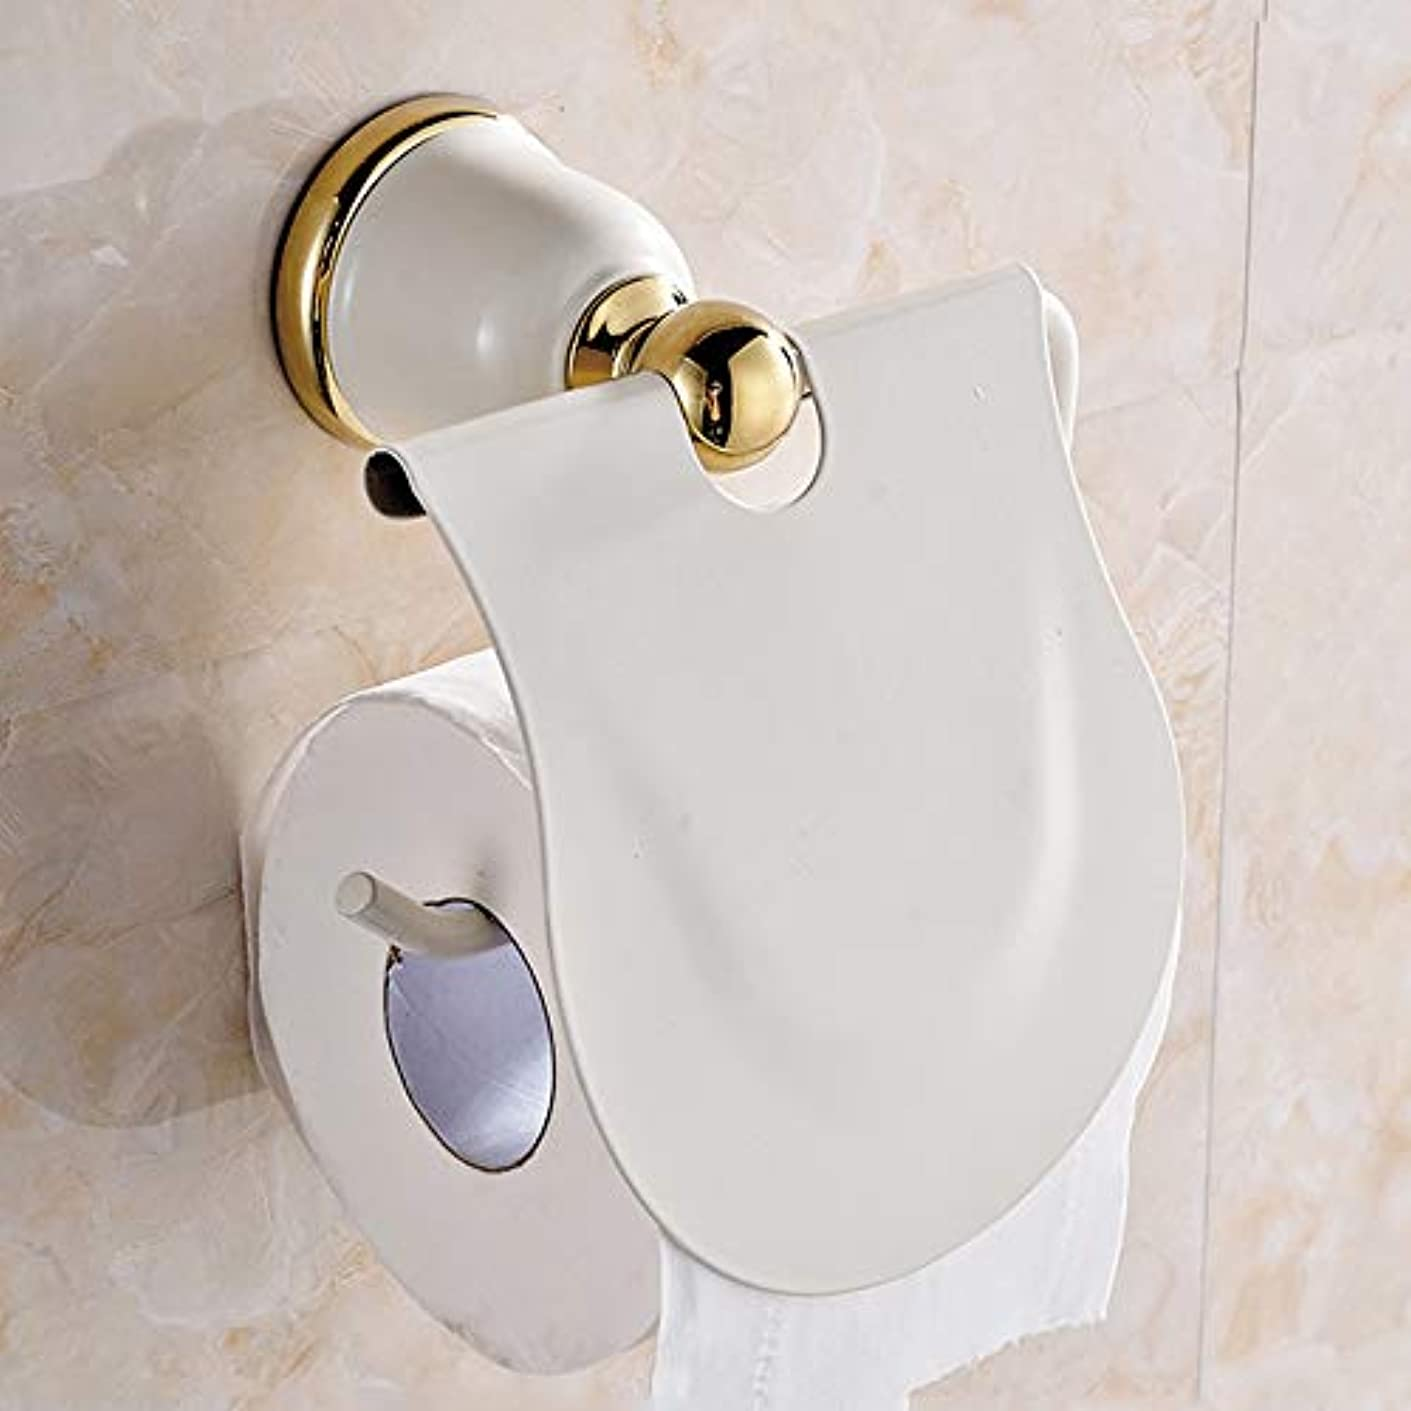 それに応じて明らか余暇ZZLX 紙タオルホルダー、ヨーロピアンパストラルライスホワイトペイントロールカートントイレットペーパーホルダーゴールドアンティークティッシュボックスバスルームペンダント ロングハンドル風呂ブラシ (色 : ゴールド)